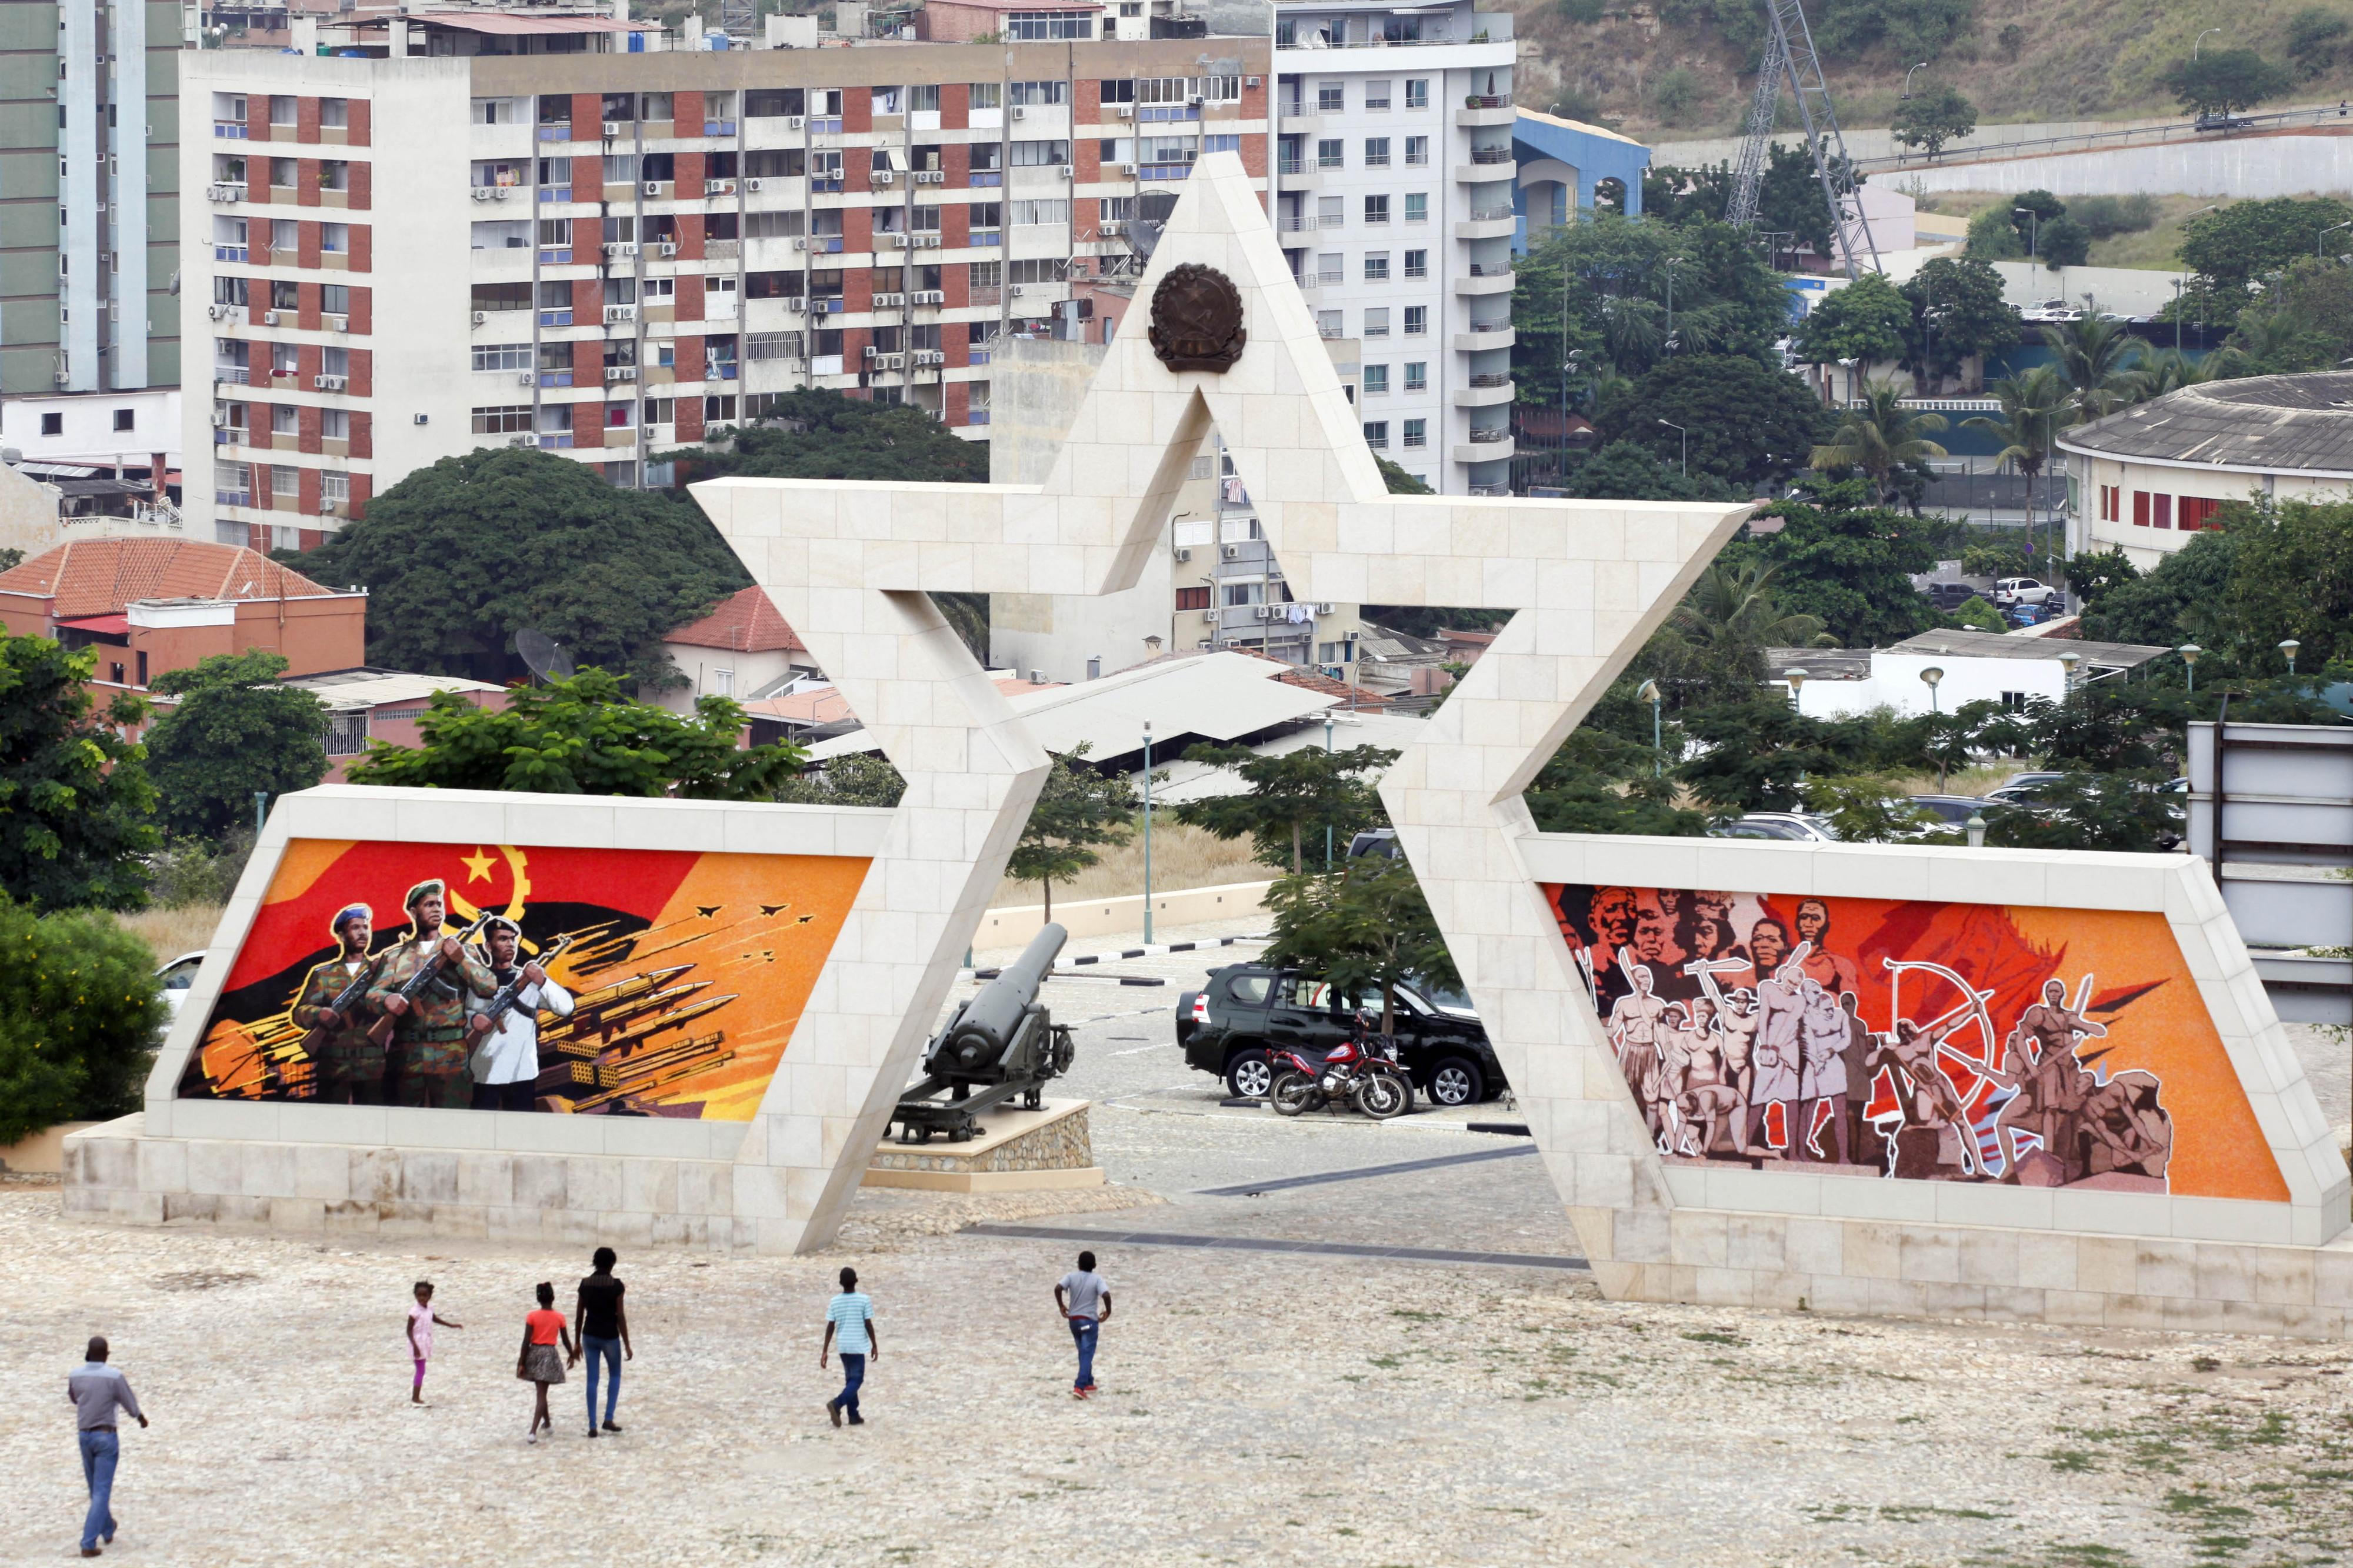 Autor de fotos sobre condições precárias em prisão morto a tiro em Luanda